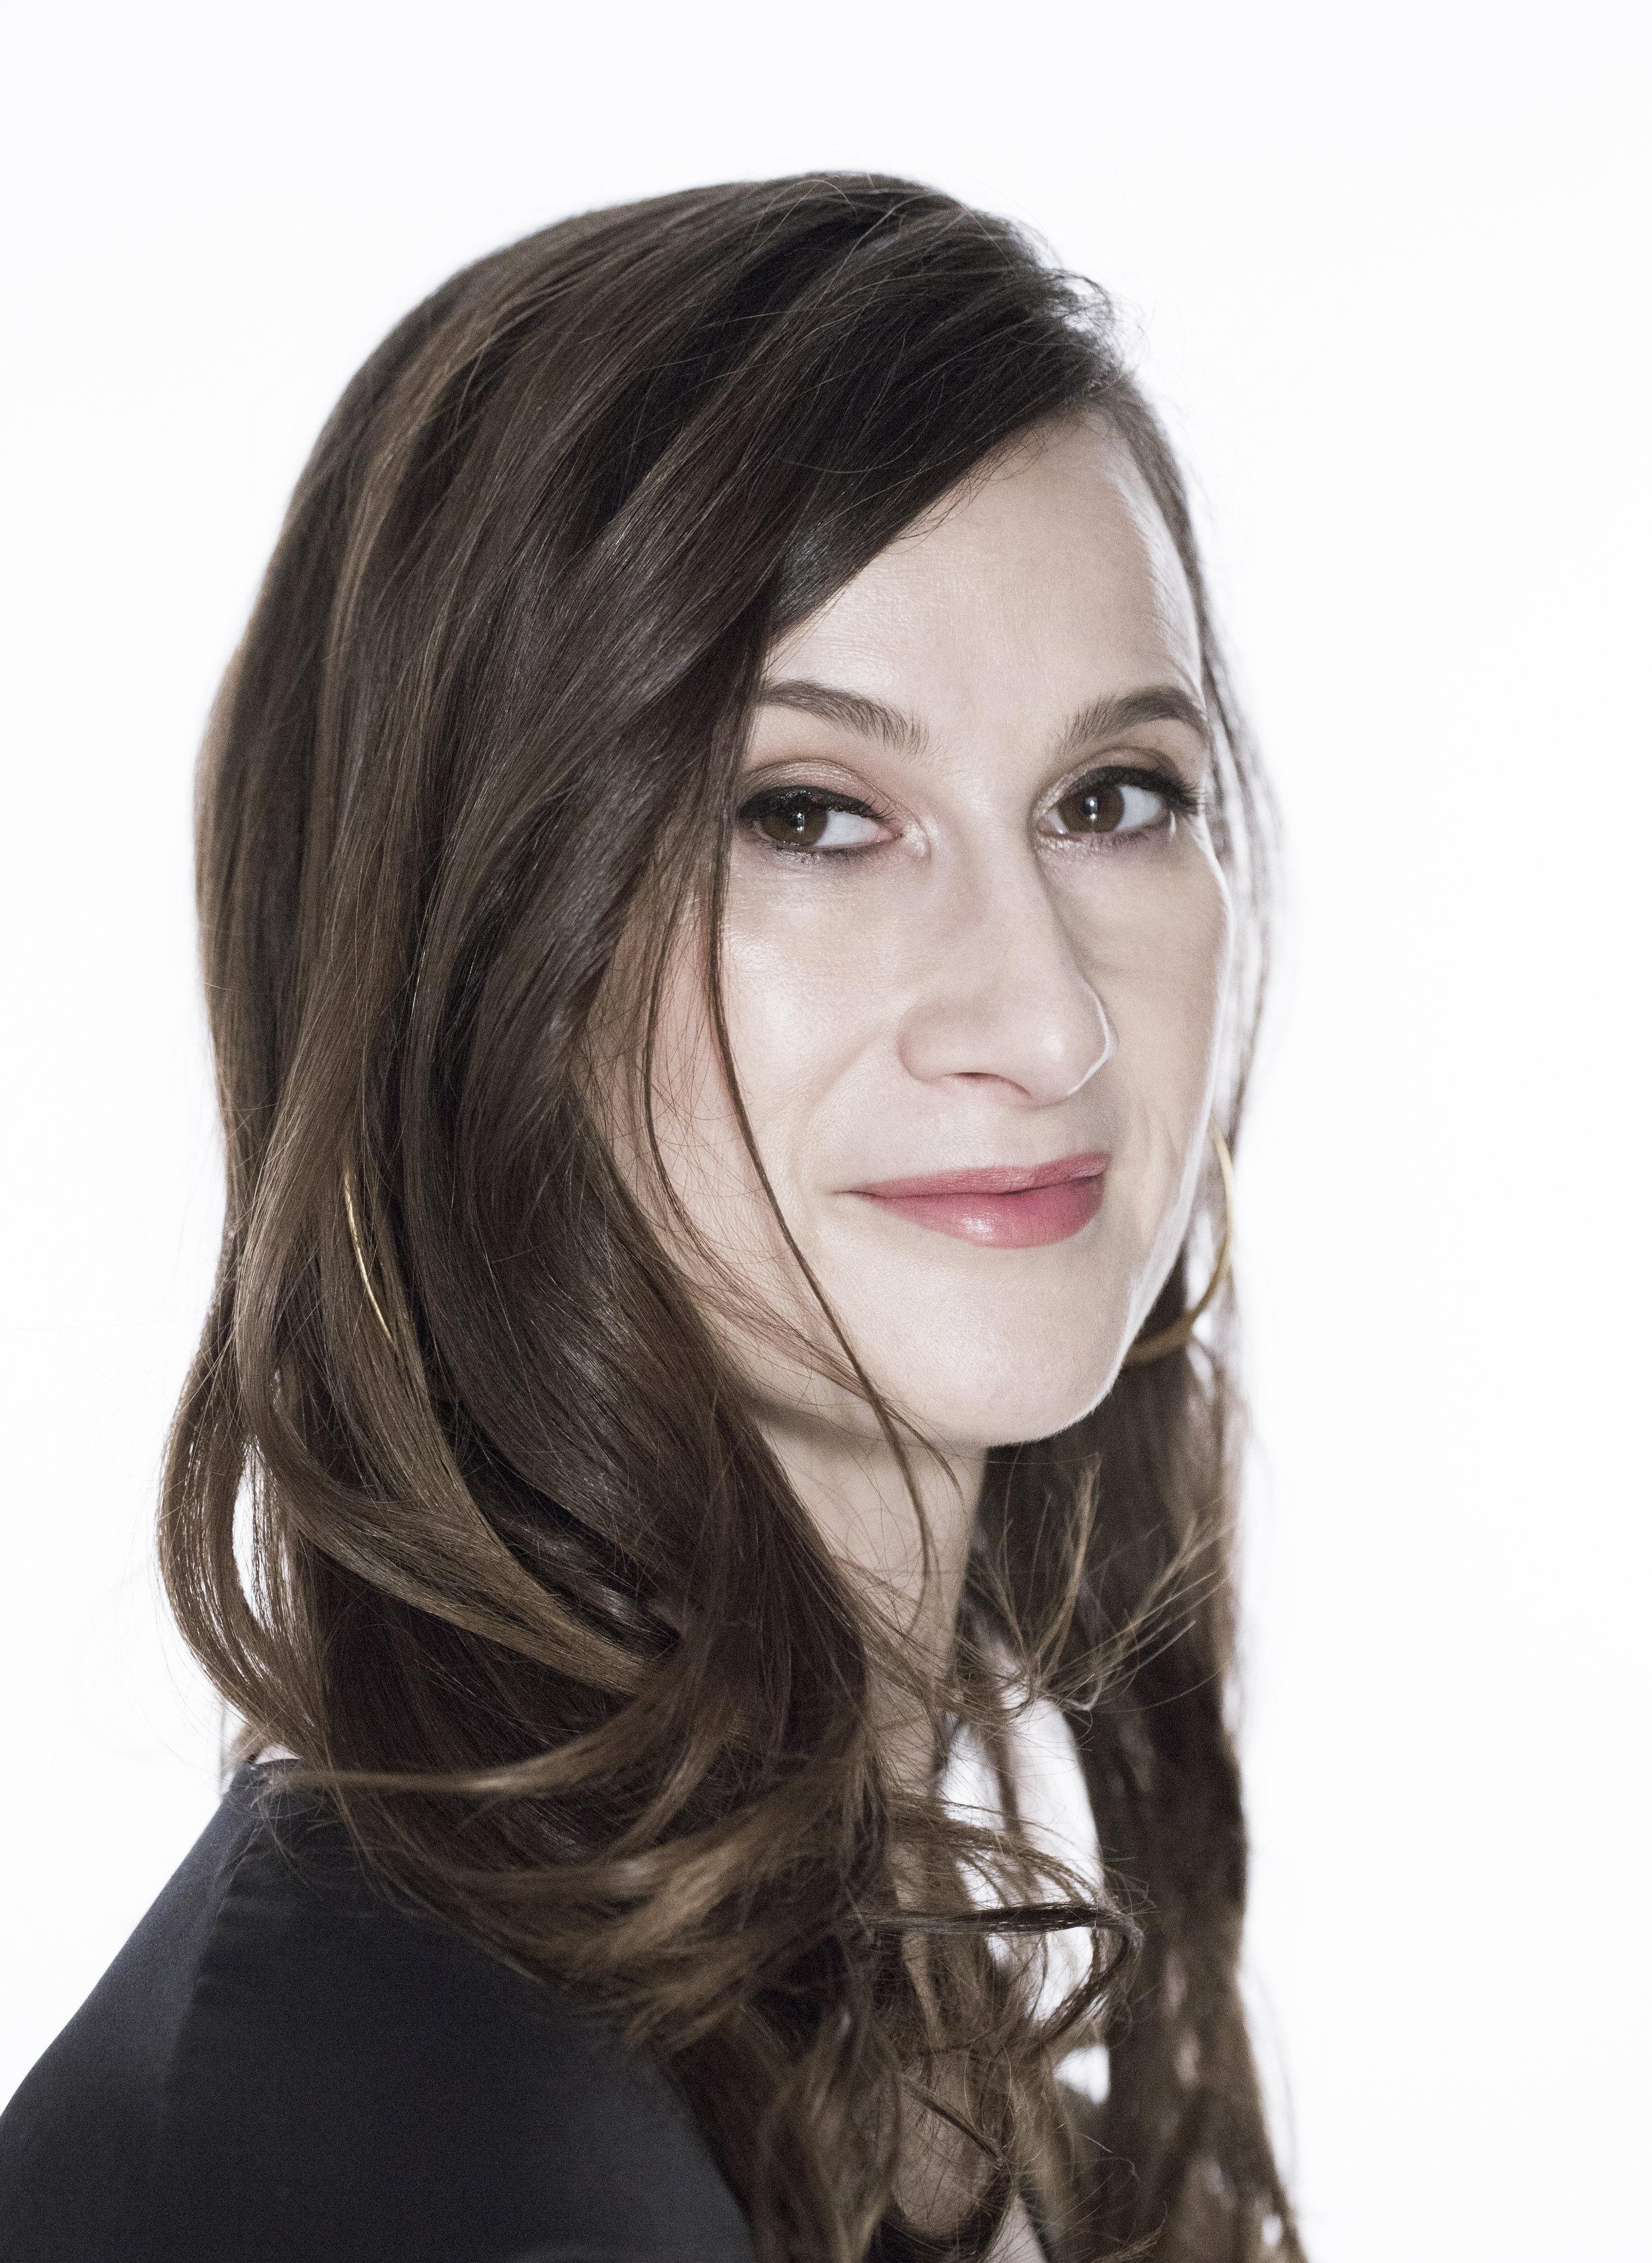 CYNTHIA LOWEN – Director/ Producer